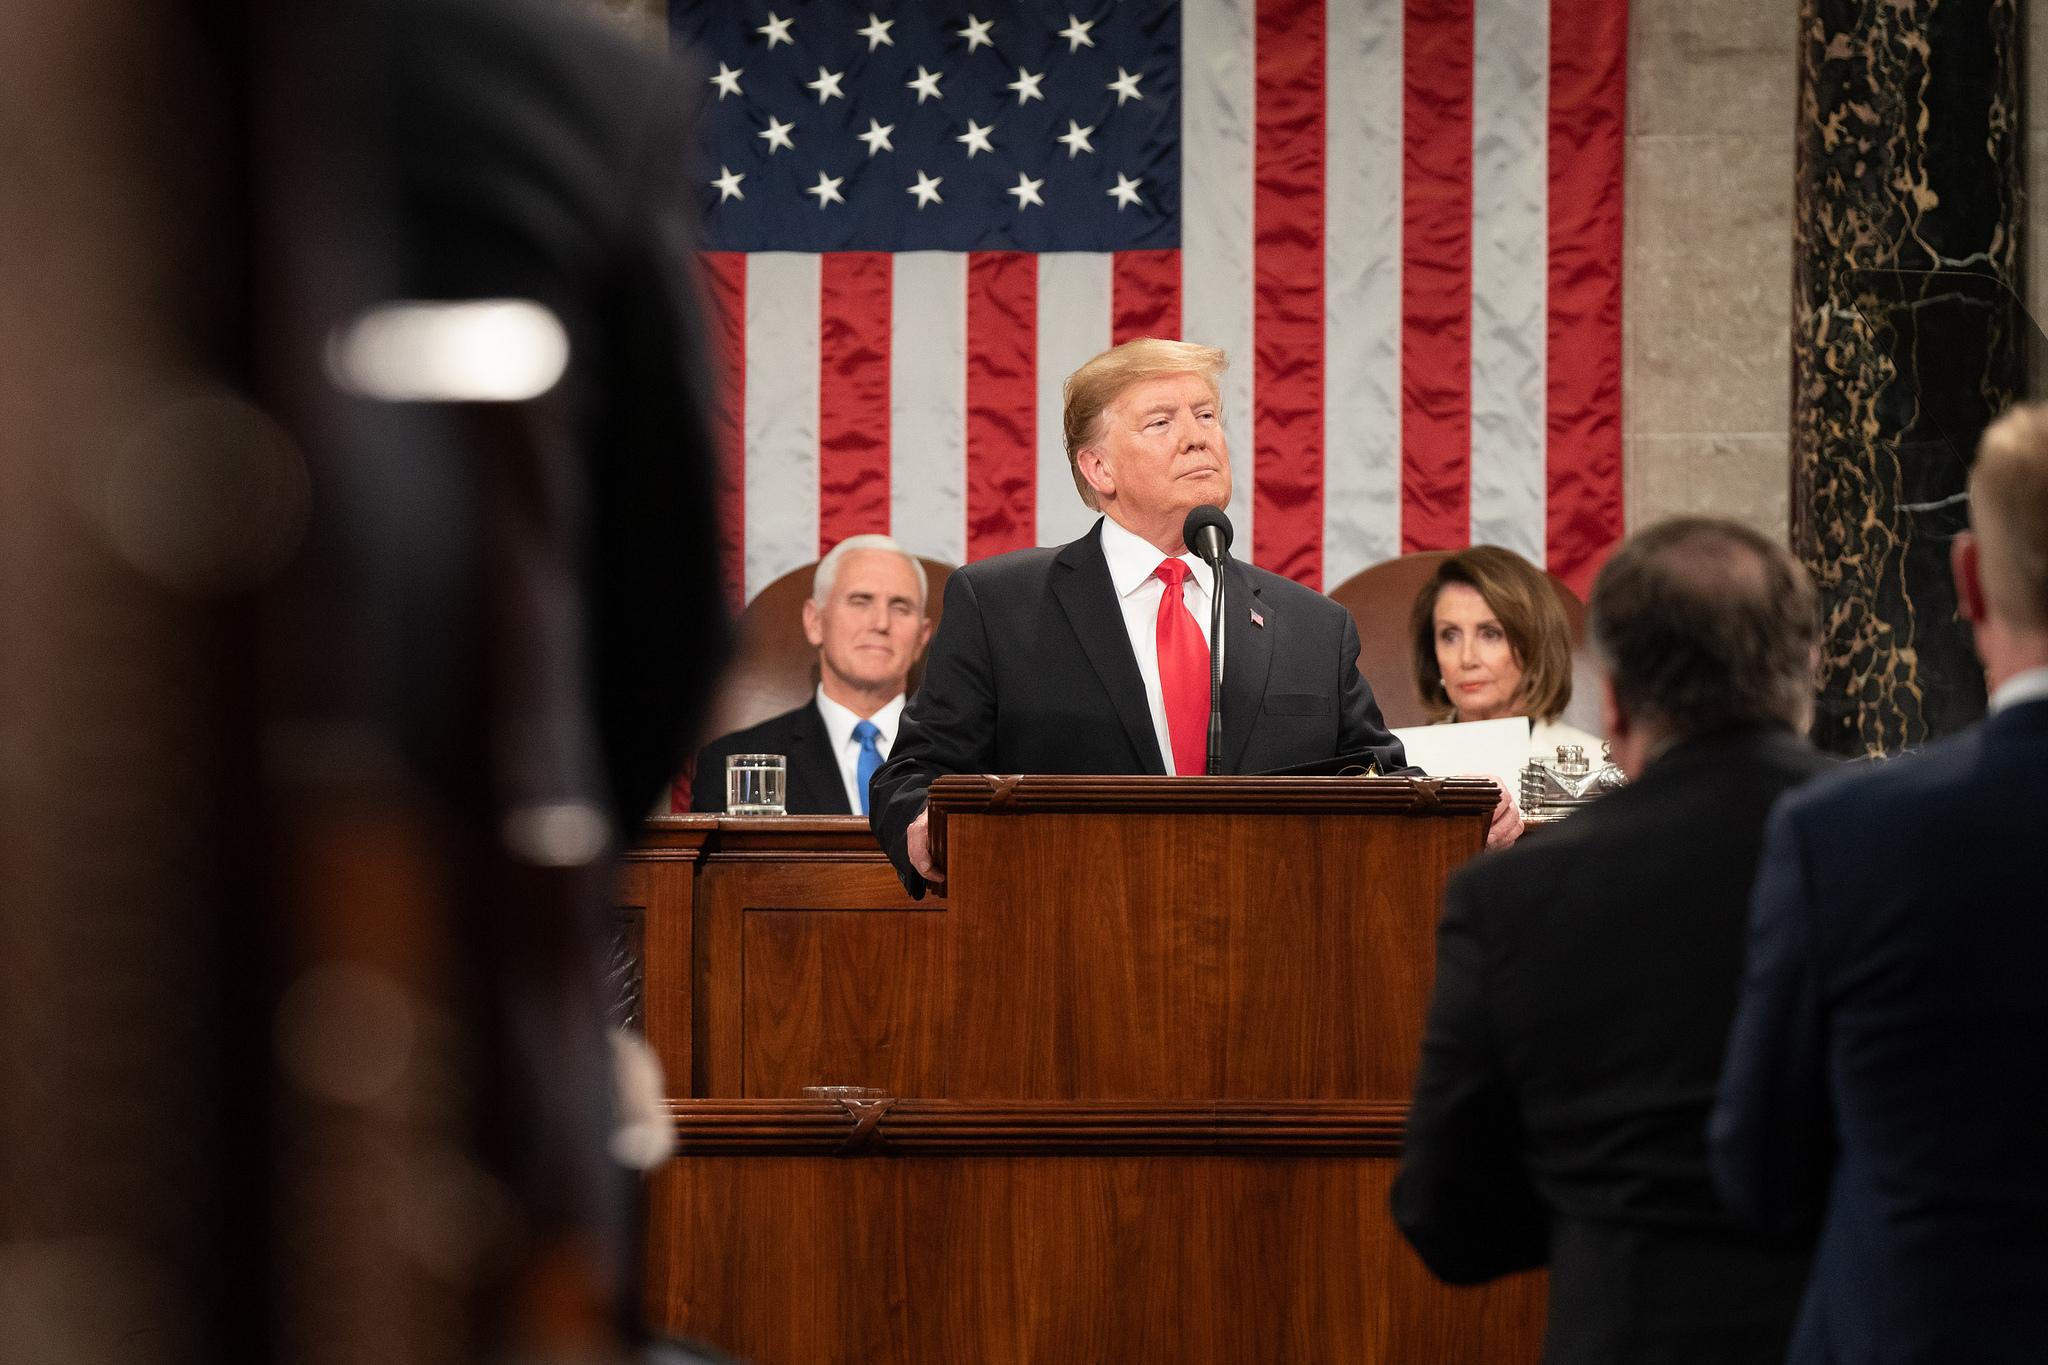 <b> Donald Trump, le mur et les pouvoirs d'urgence du Président des États-Unis </b> </br> </br> Par Maud Michaut